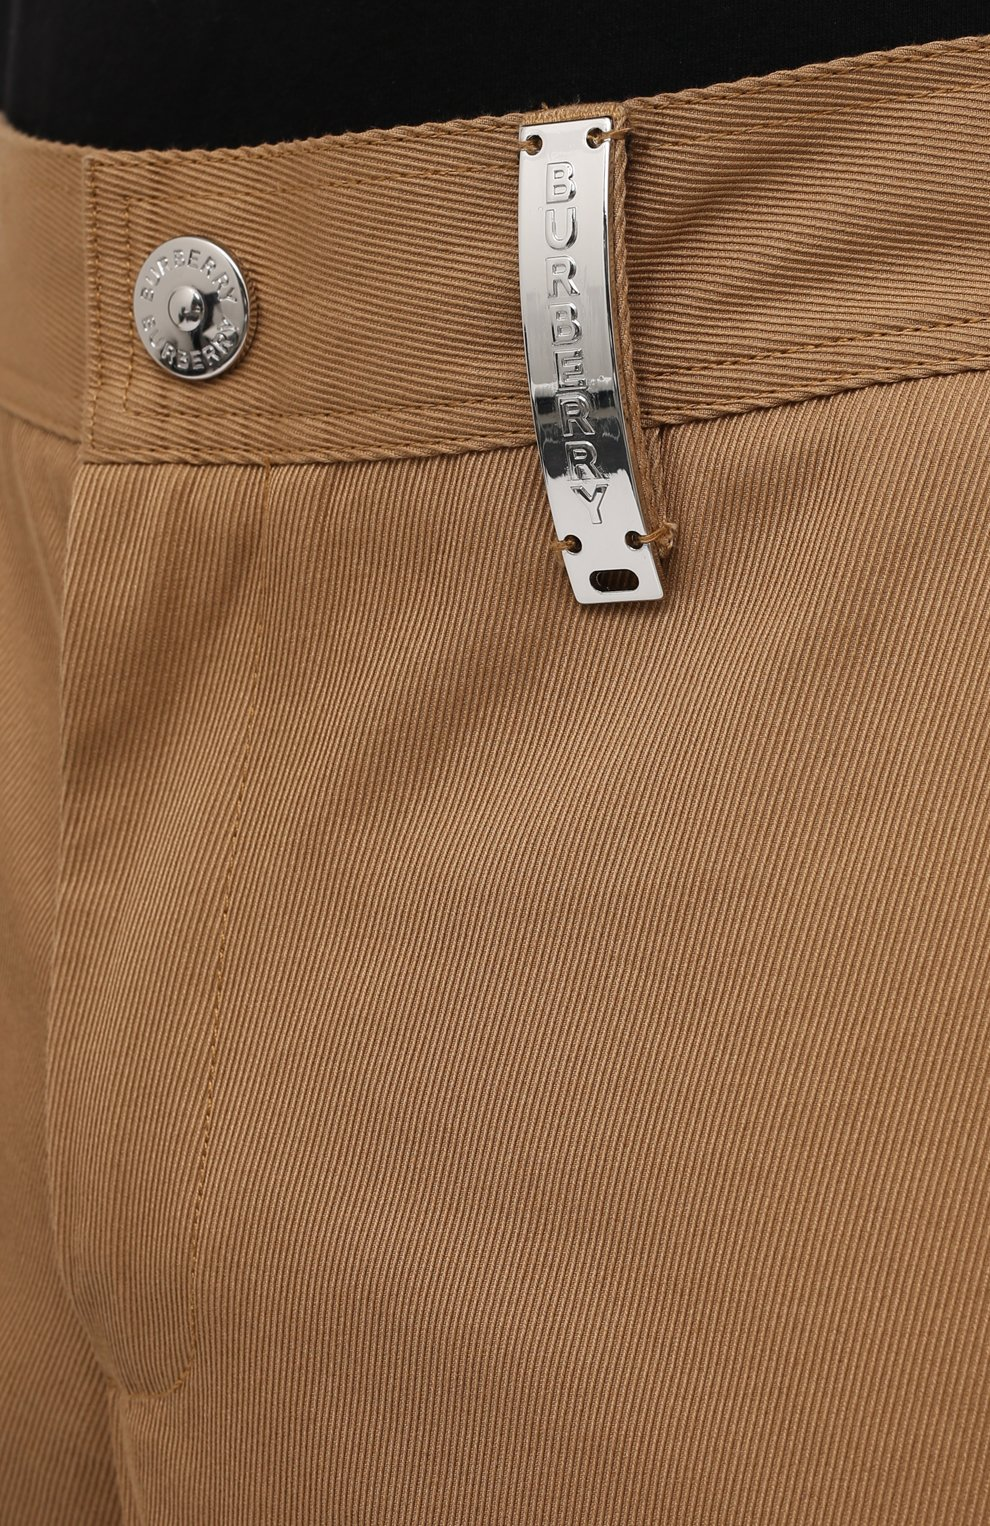 Мужские хлопковые брюки BURBERRY бежевого цвета, арт. 8036695   Фото 5 (Силуэт М (брюки): Чиносы; Длина (брюки, джинсы): Стандартные; Случай: Повседневный; Материал внешний: Хлопок; Стили: Кэжуэл)